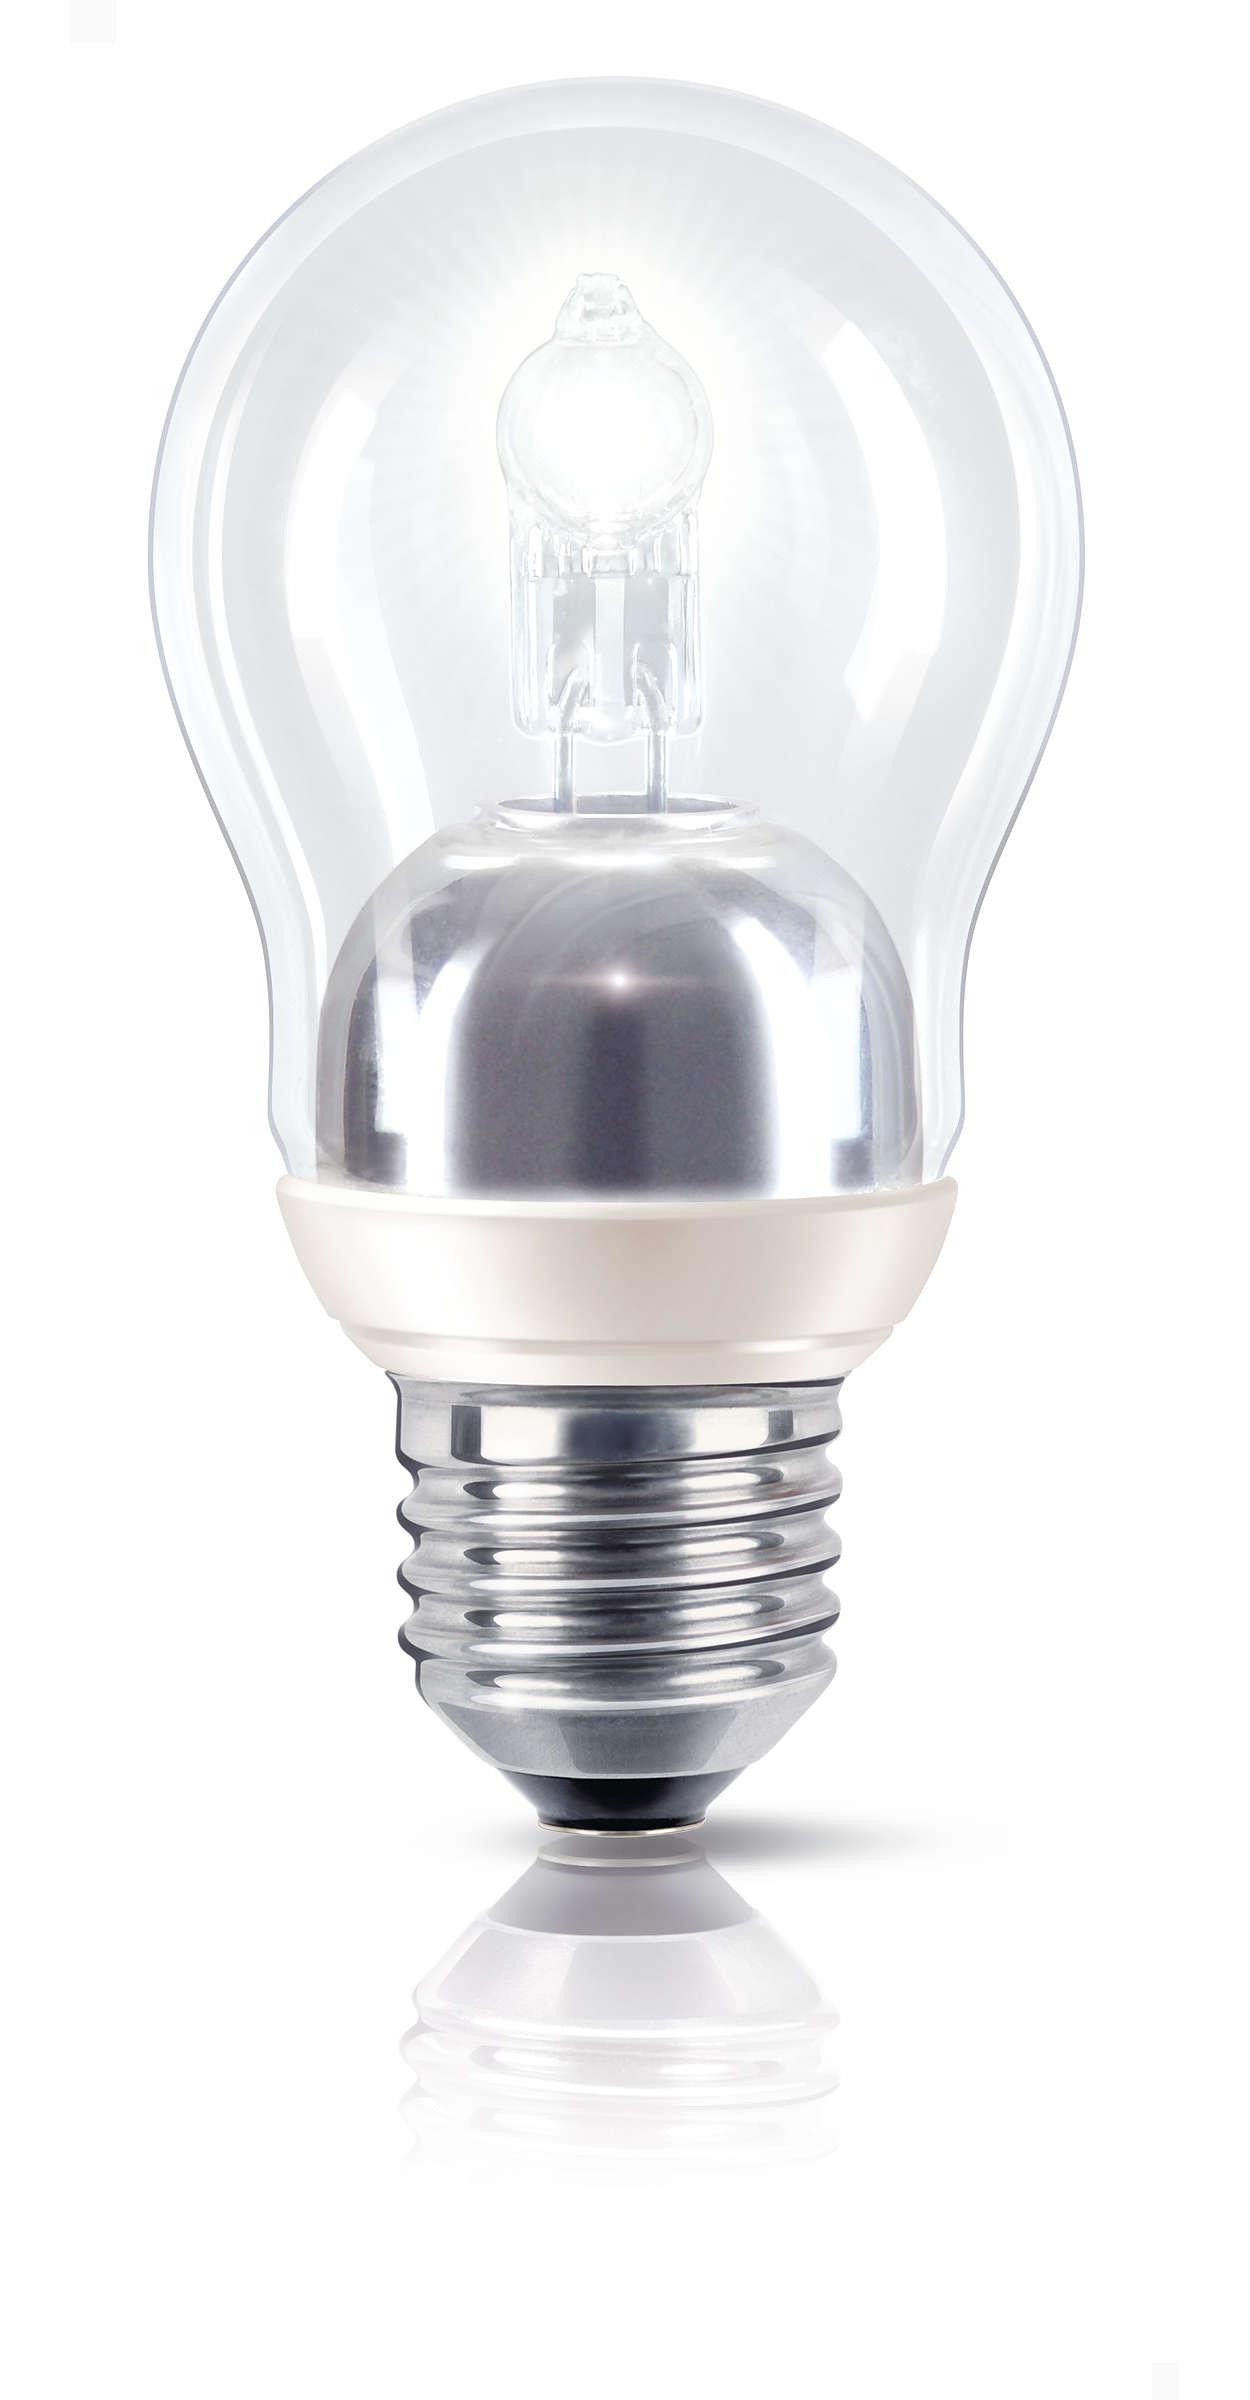 Todo el brillo, la mitad de energía